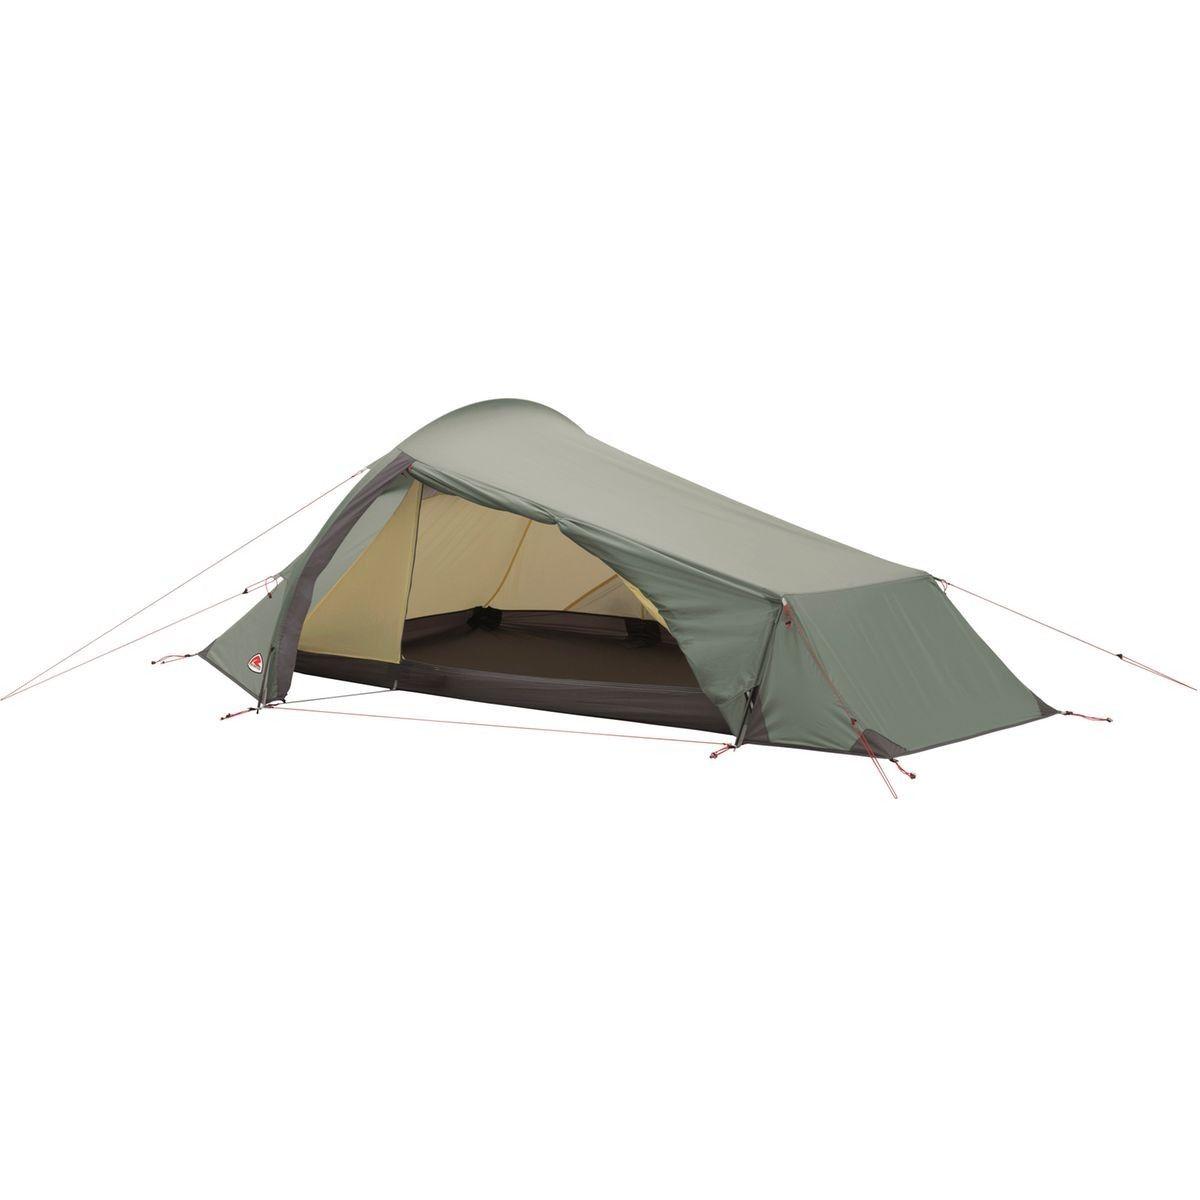 Goldcrest 2 Tente Gris Vert Taille 2 Places Tente Gonflable Vert De Gris Tente Verte